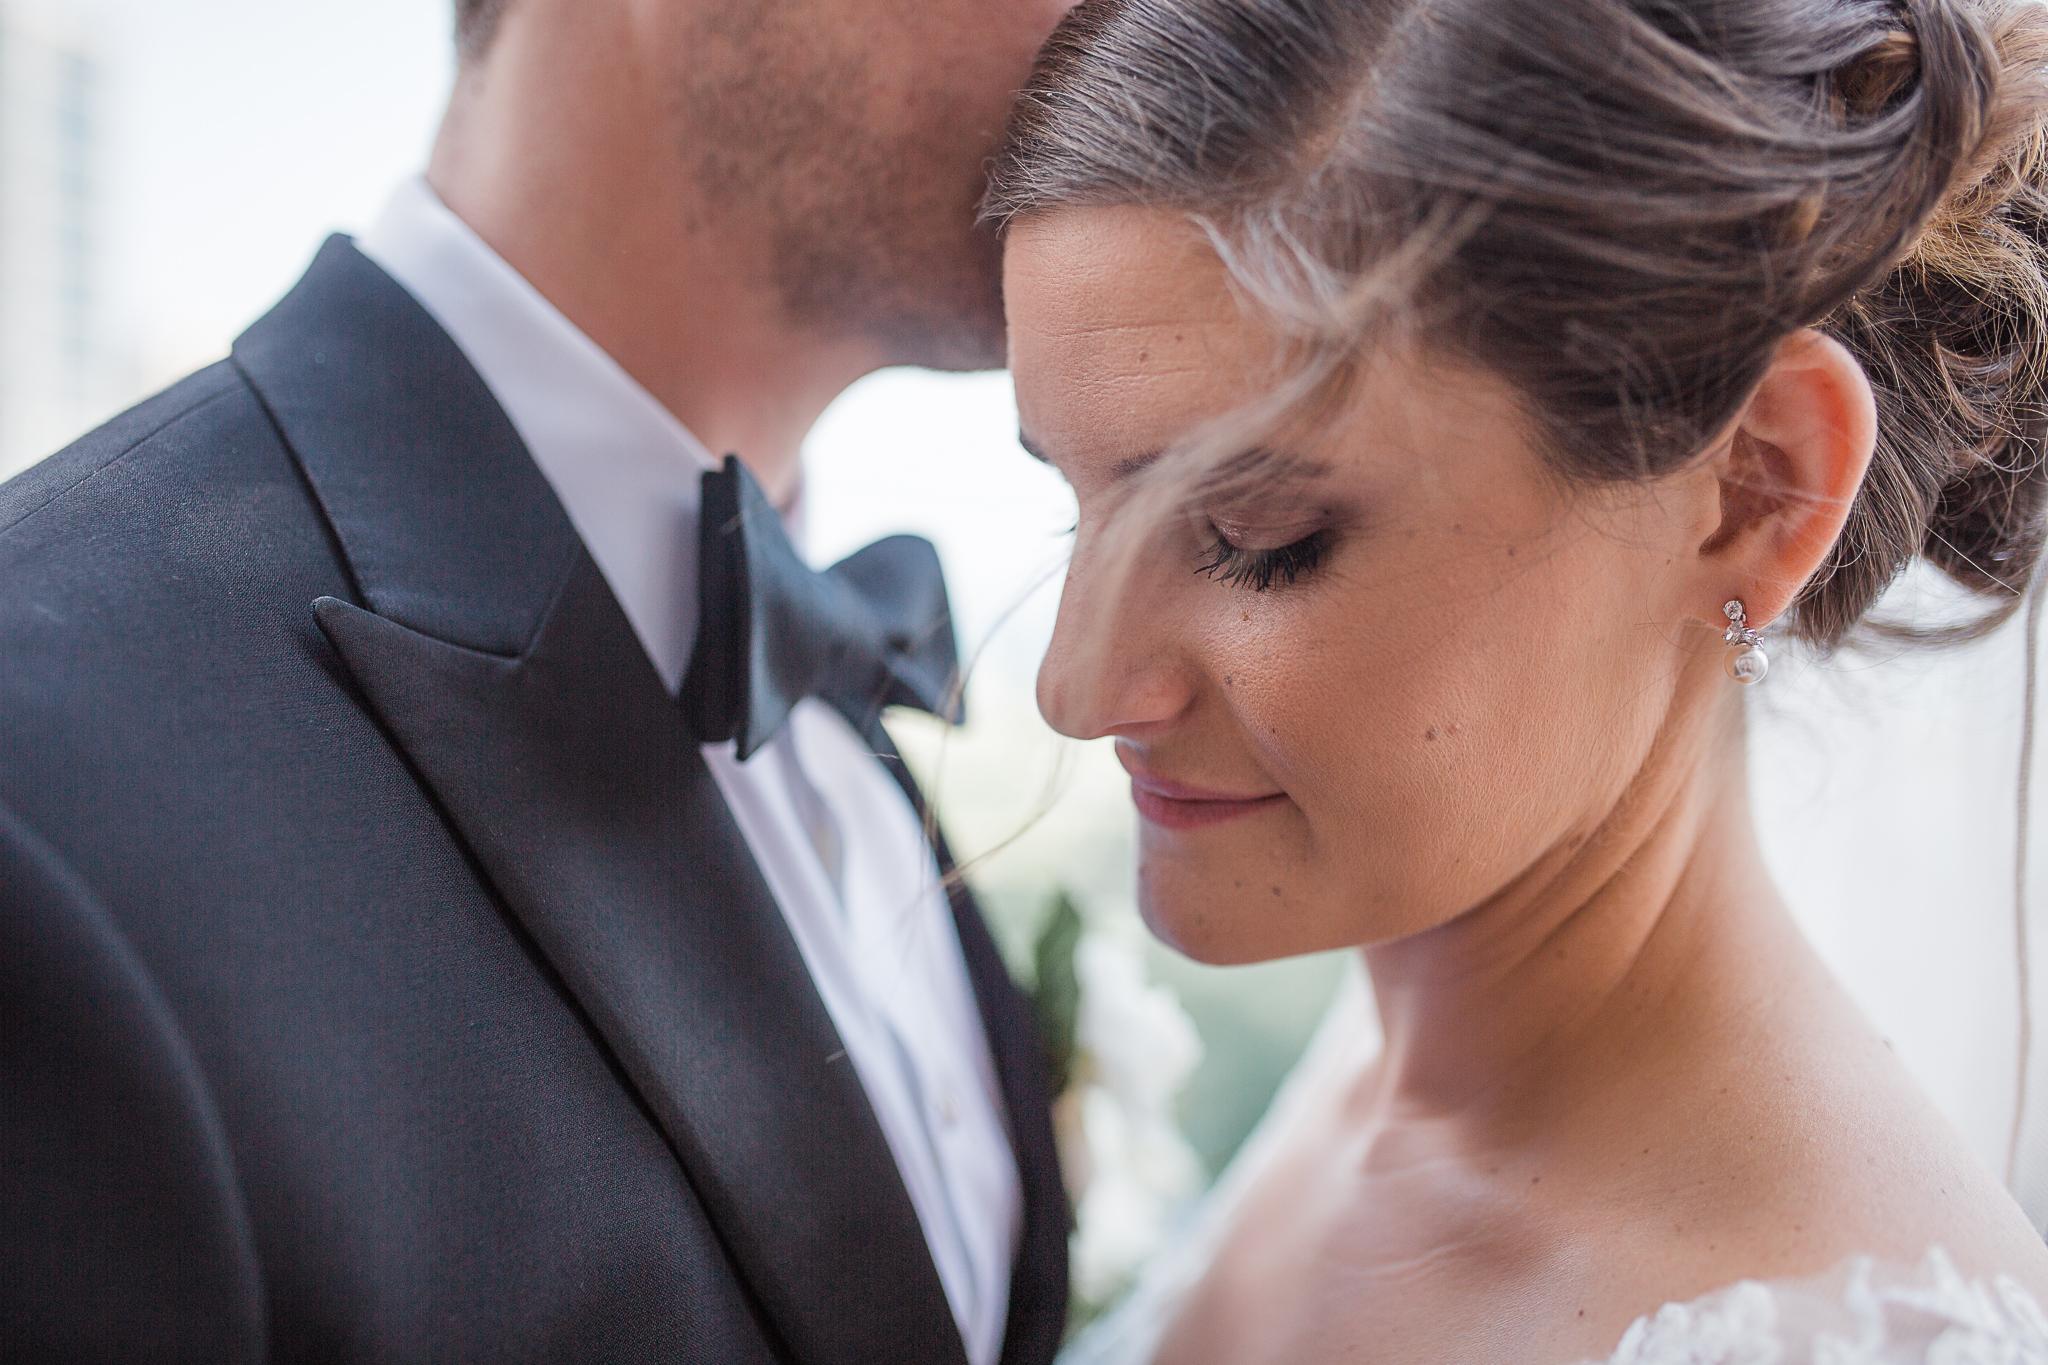 Groom kissing bride on temple